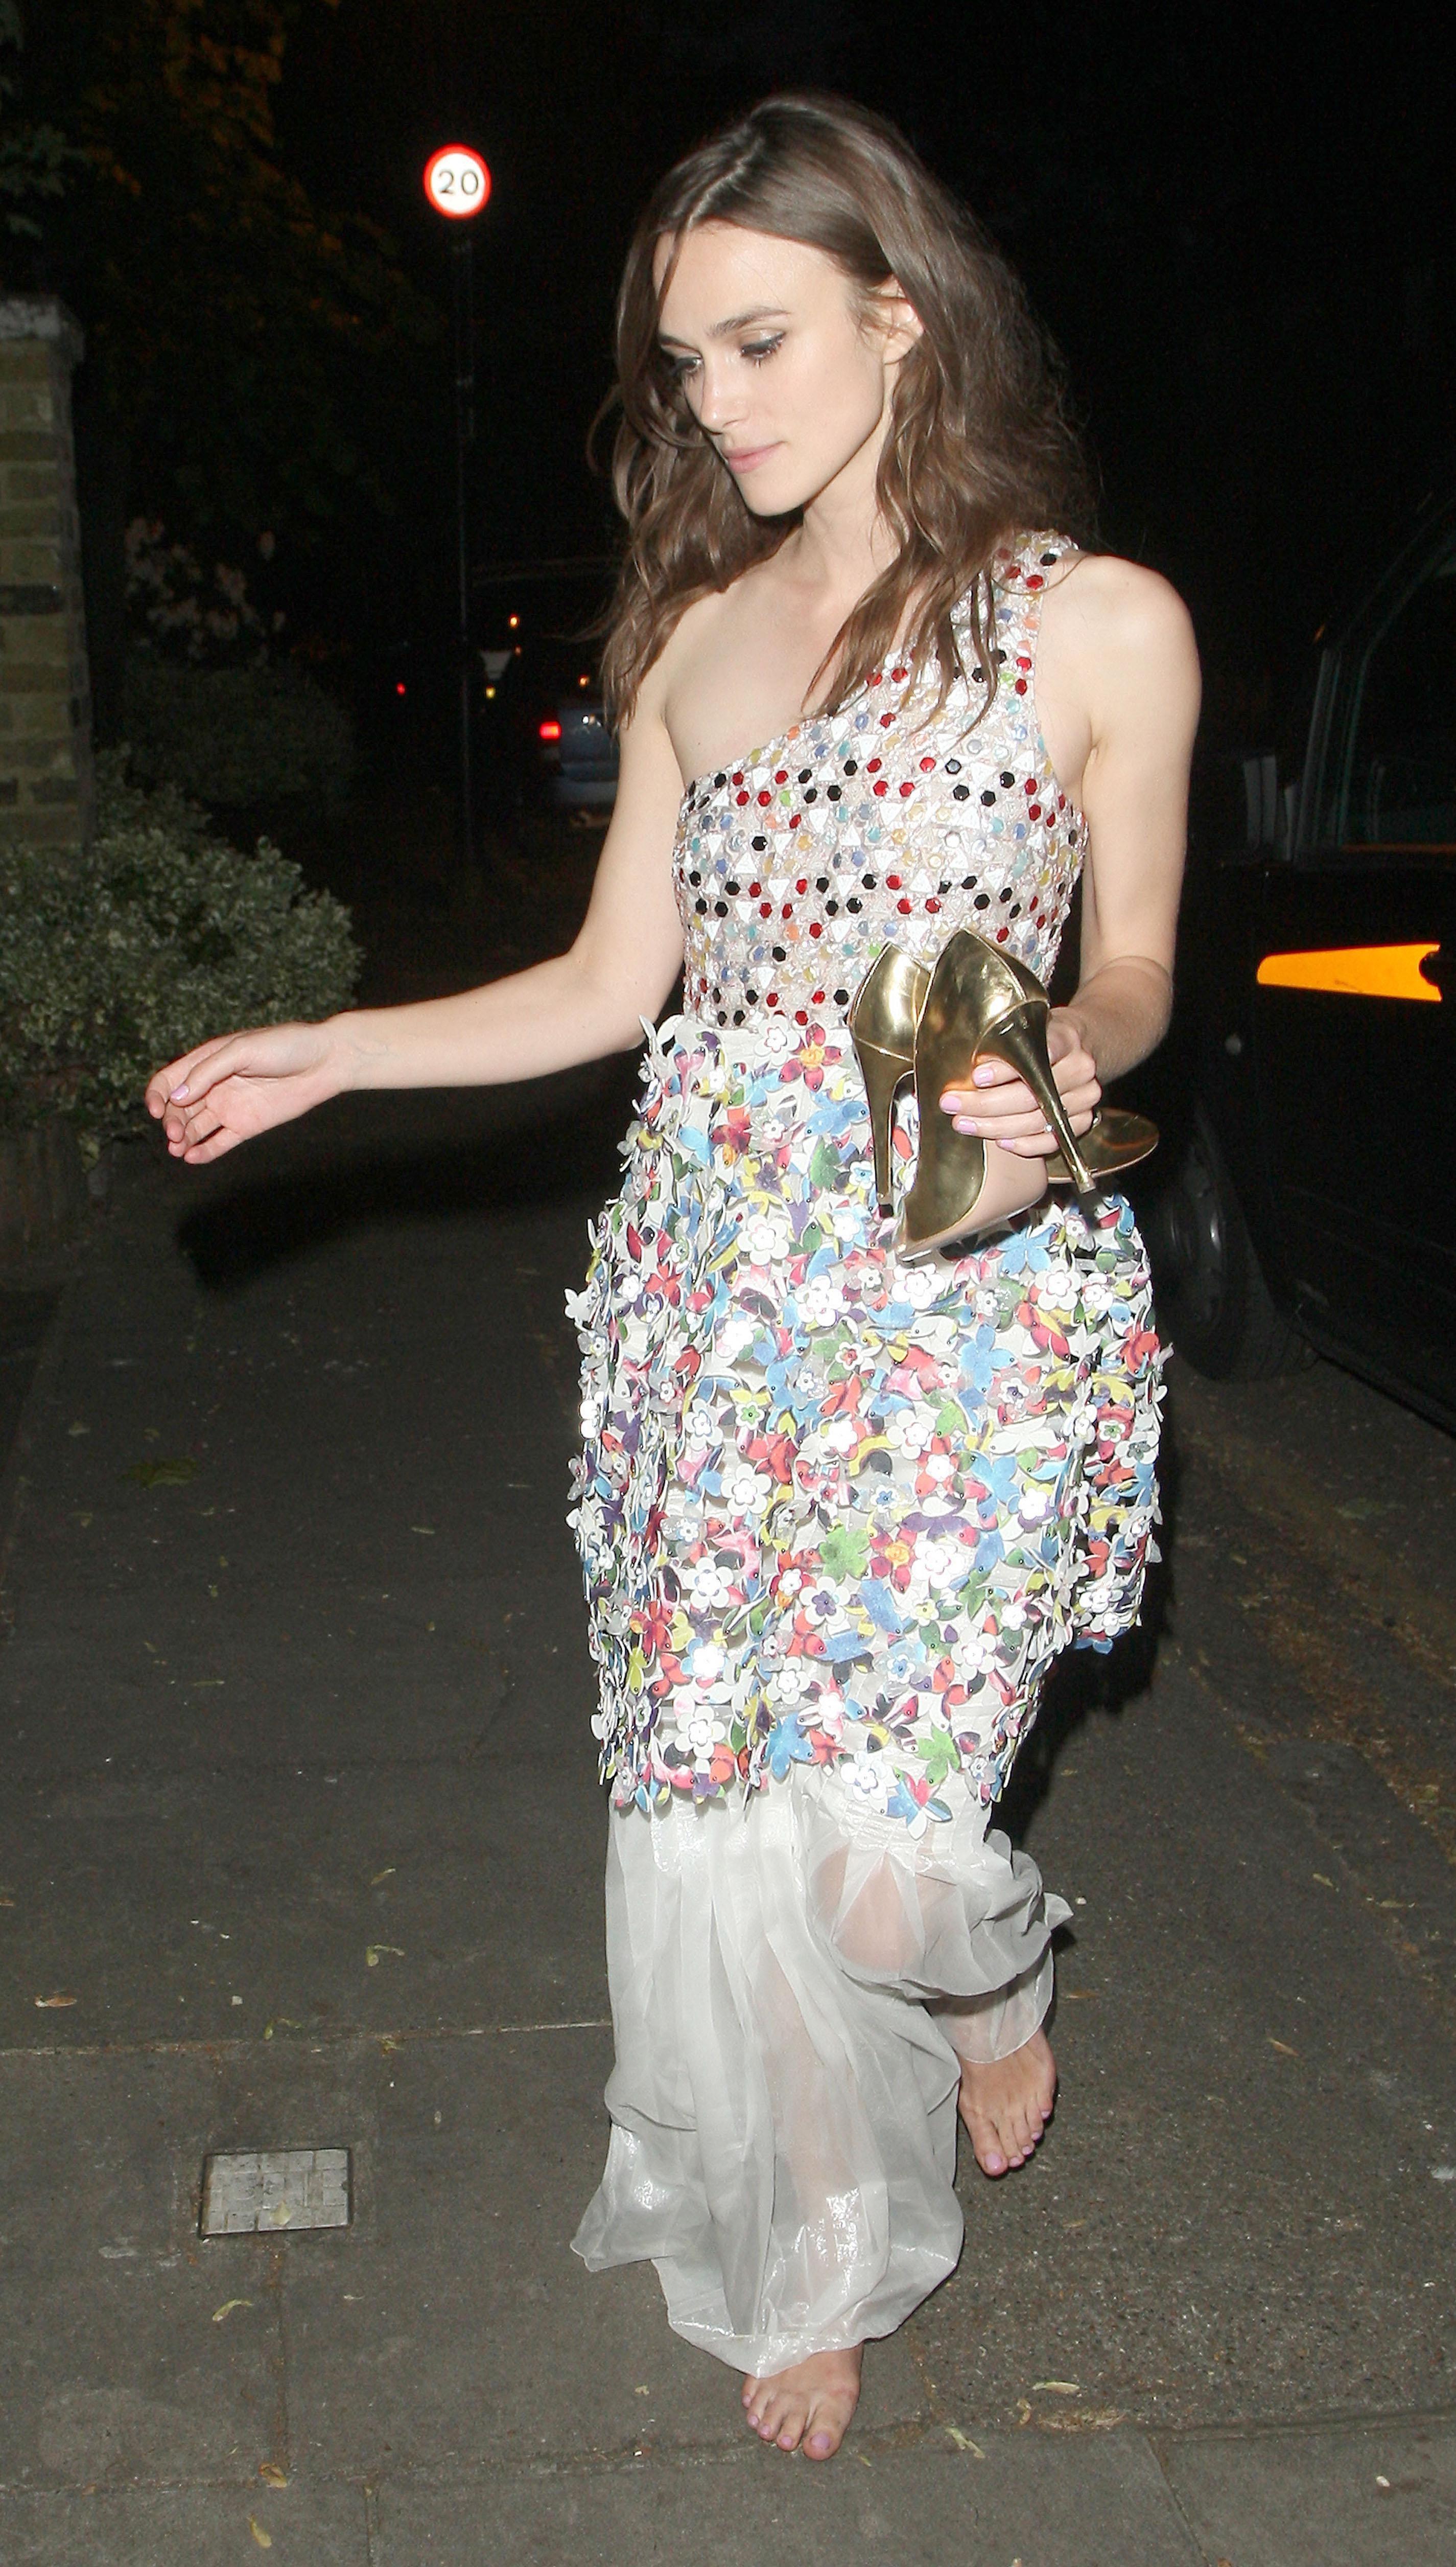 https://pics.wikifeet.com/Keira-Knightley-Feet-1385676.jpg